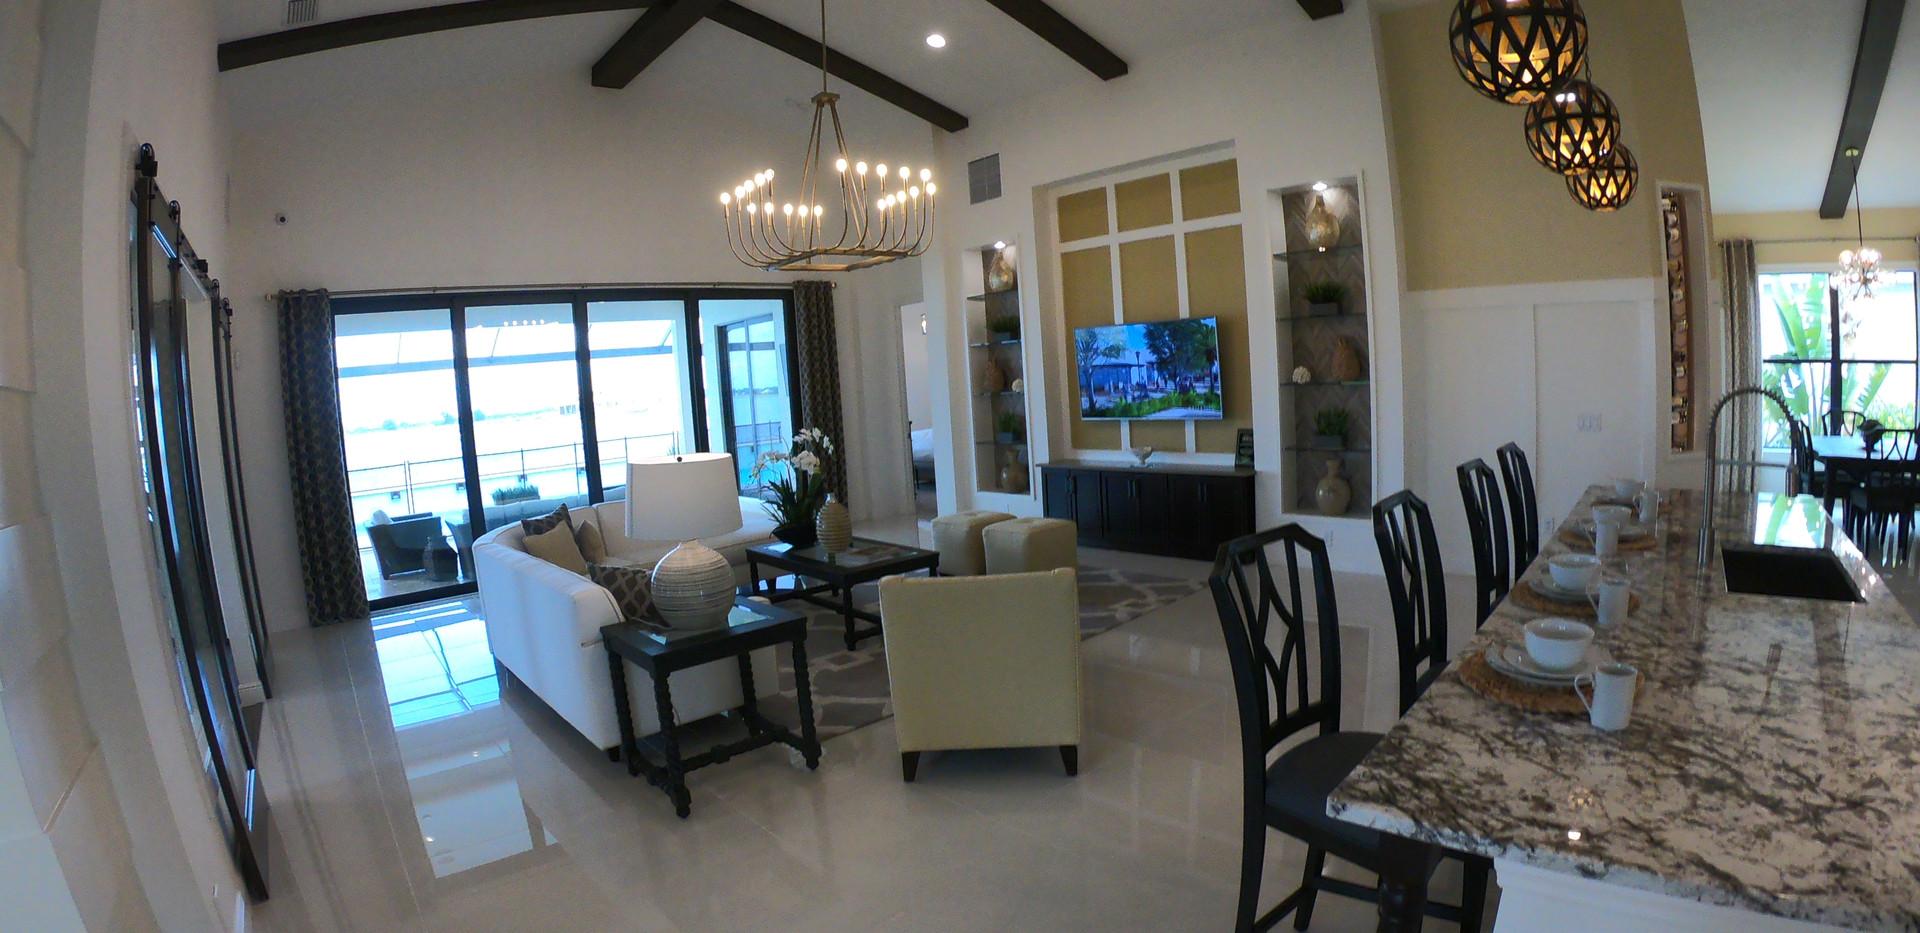 Waterside model home in LWR